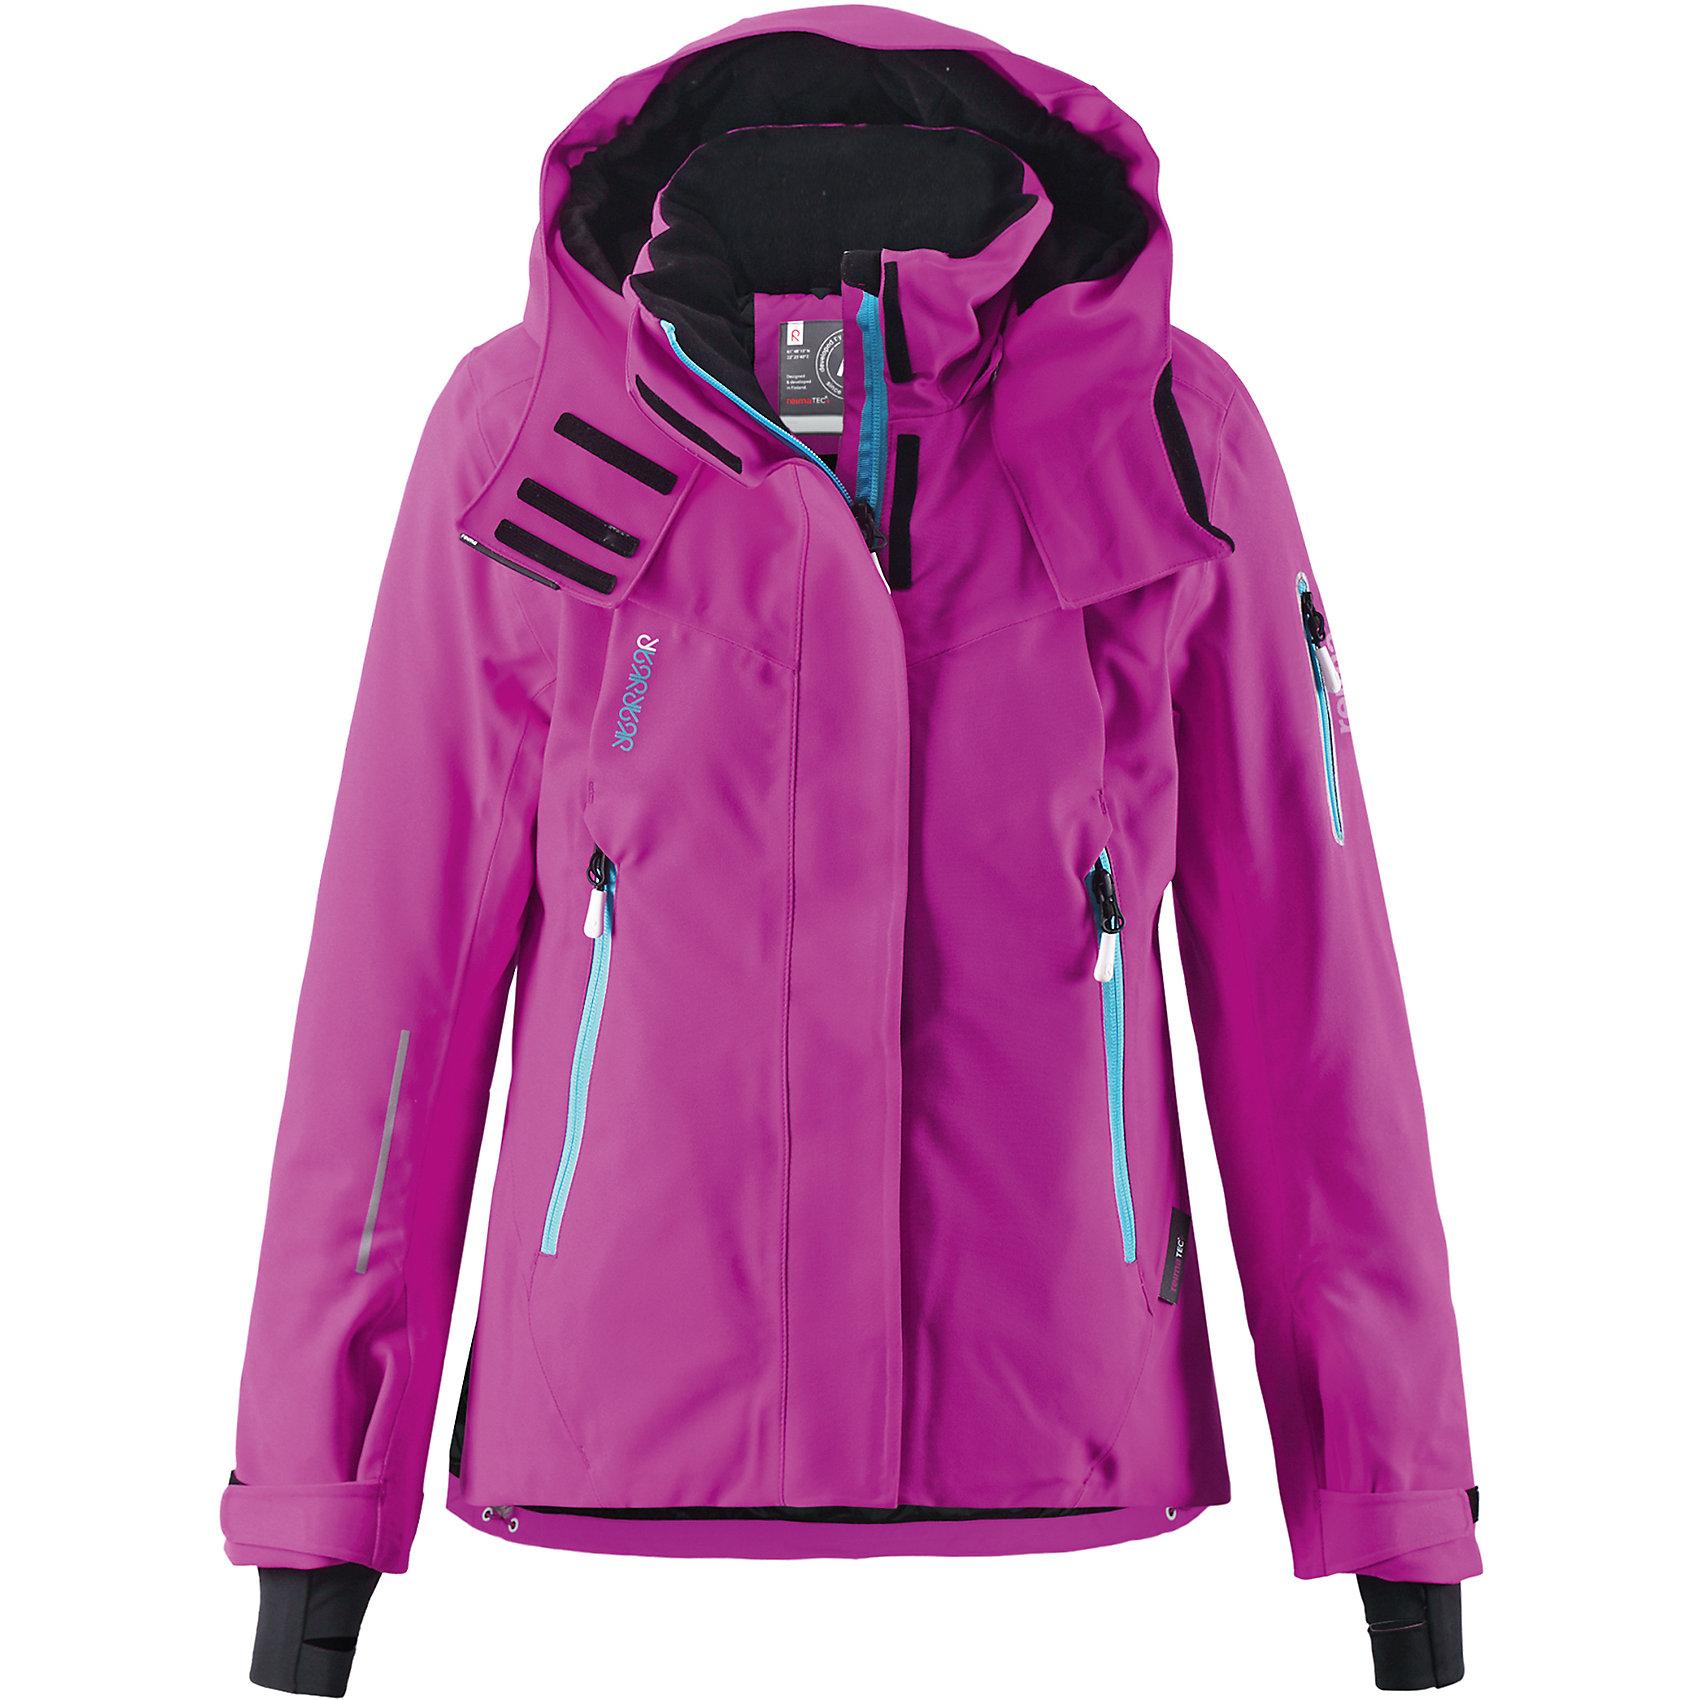 Куртка Moirana Reimatec®+ ReimaОдежда<br>Зимняя куртка для подростков.Все швы проклеены и водонепроницаемы. Водо- и ветронепроницаемый, «дышащий» и грязеотталкивающий материал. Место соединения куртки с брюками скрыто снегозащитной манжетой. Крой для девочек. Гладкая подкладка из полиэстра. Безопасный, отстегивающийся и регулируемый капюшон.Регулируемые манжеты и внутренние манжеты из лайкры. Удлиненные манжеты. Регулируемый подол, снегозащитный манжет на талии. Новая усовершенствованная молния — больше не застревает! Молнии контрастного цвета. Карман для очков, внутренний нагрудный карман и петли для проводов наушников.Карманы на молнии. Карман на рукаве с пластинчатым разъемом для датчика ReimaGO® .<br>Состав:<br>100% ПЭ, ПУ-покрытие<br><br>Ширина мм: 356<br>Глубина мм: 10<br>Высота мм: 245<br>Вес г: 519<br>Цвет: розовый<br>Возраст от месяцев: 108<br>Возраст до месяцев: 120<br>Пол: Унисекс<br>Возраст: Детский<br>Размер: 140,104,110,116,122,128,134<br>SKU: 5309283